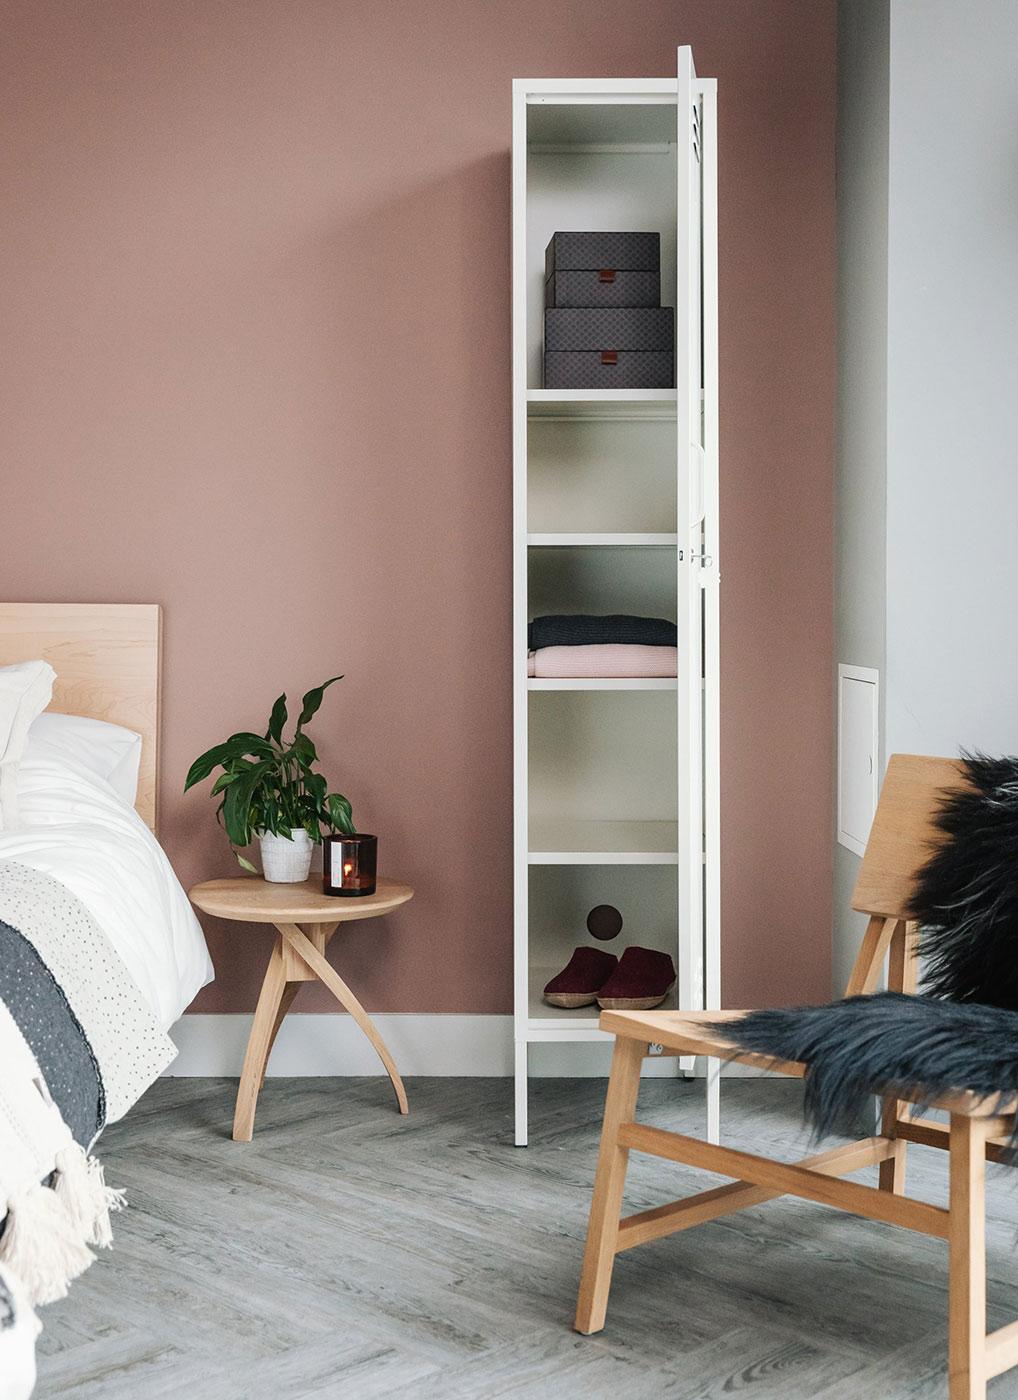 Twist small oak bedside table with open storage locker in white